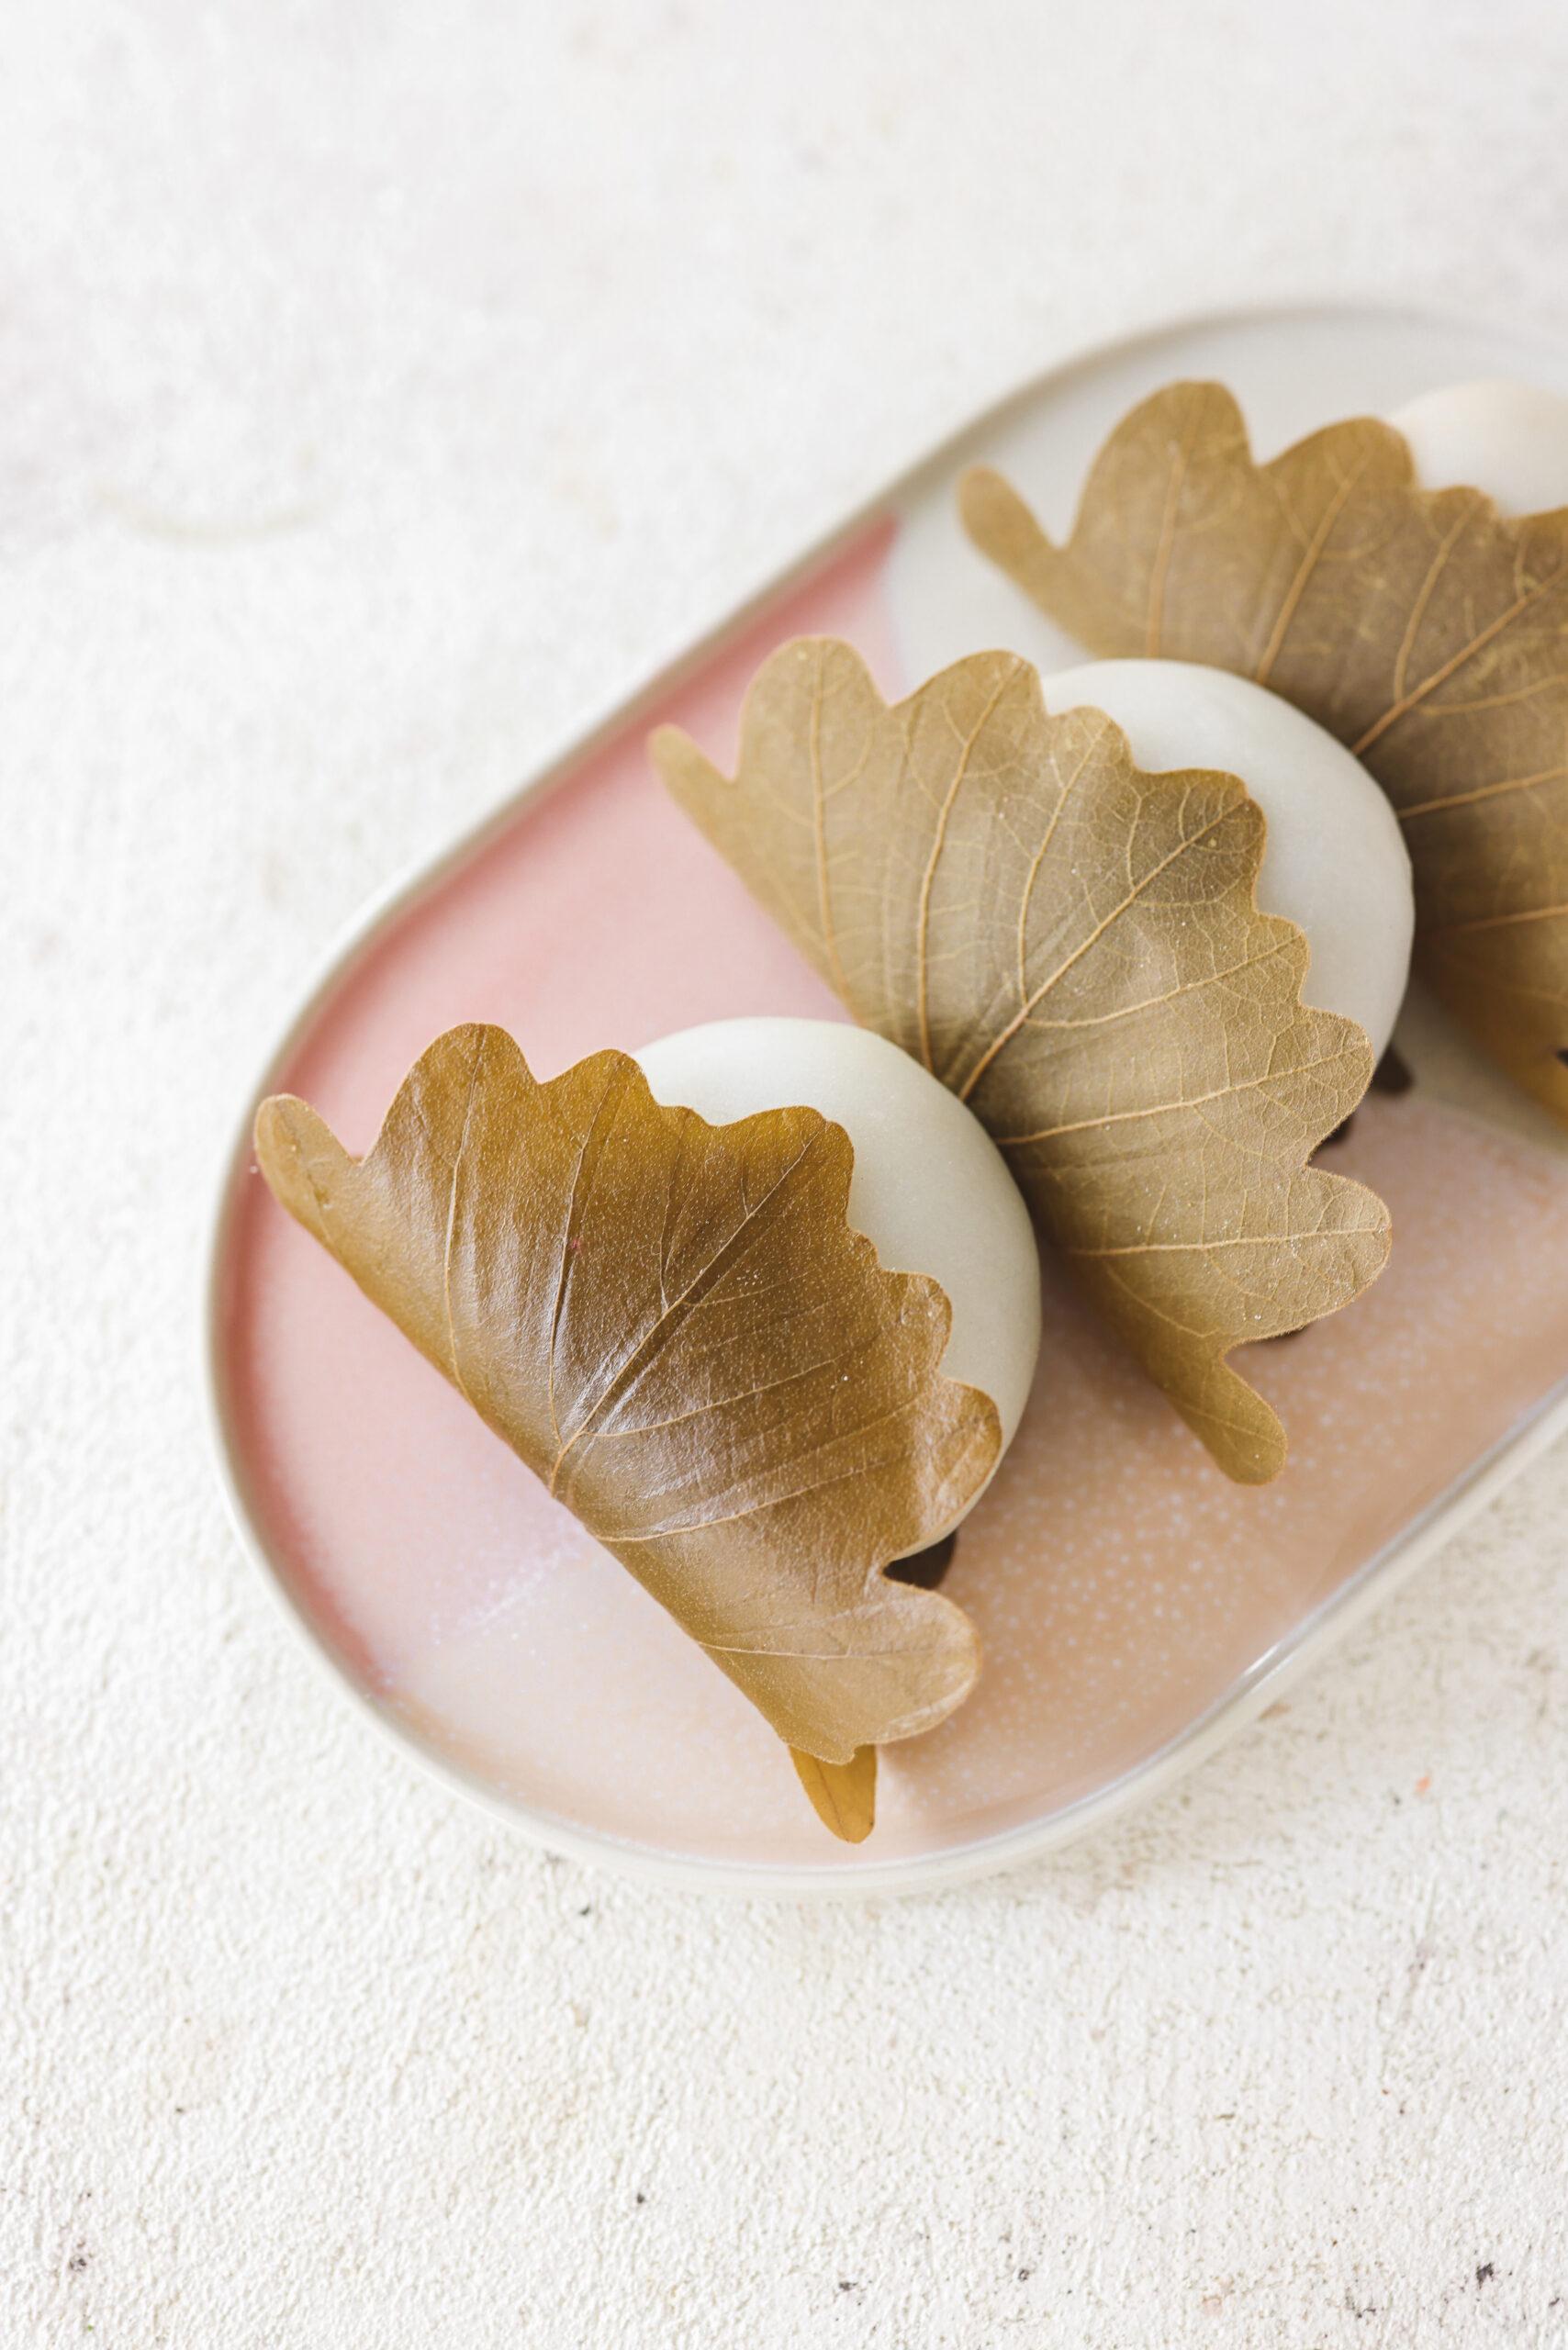 Kashiwa Mochi (Japanese Rice Cake with Oak Leaf)